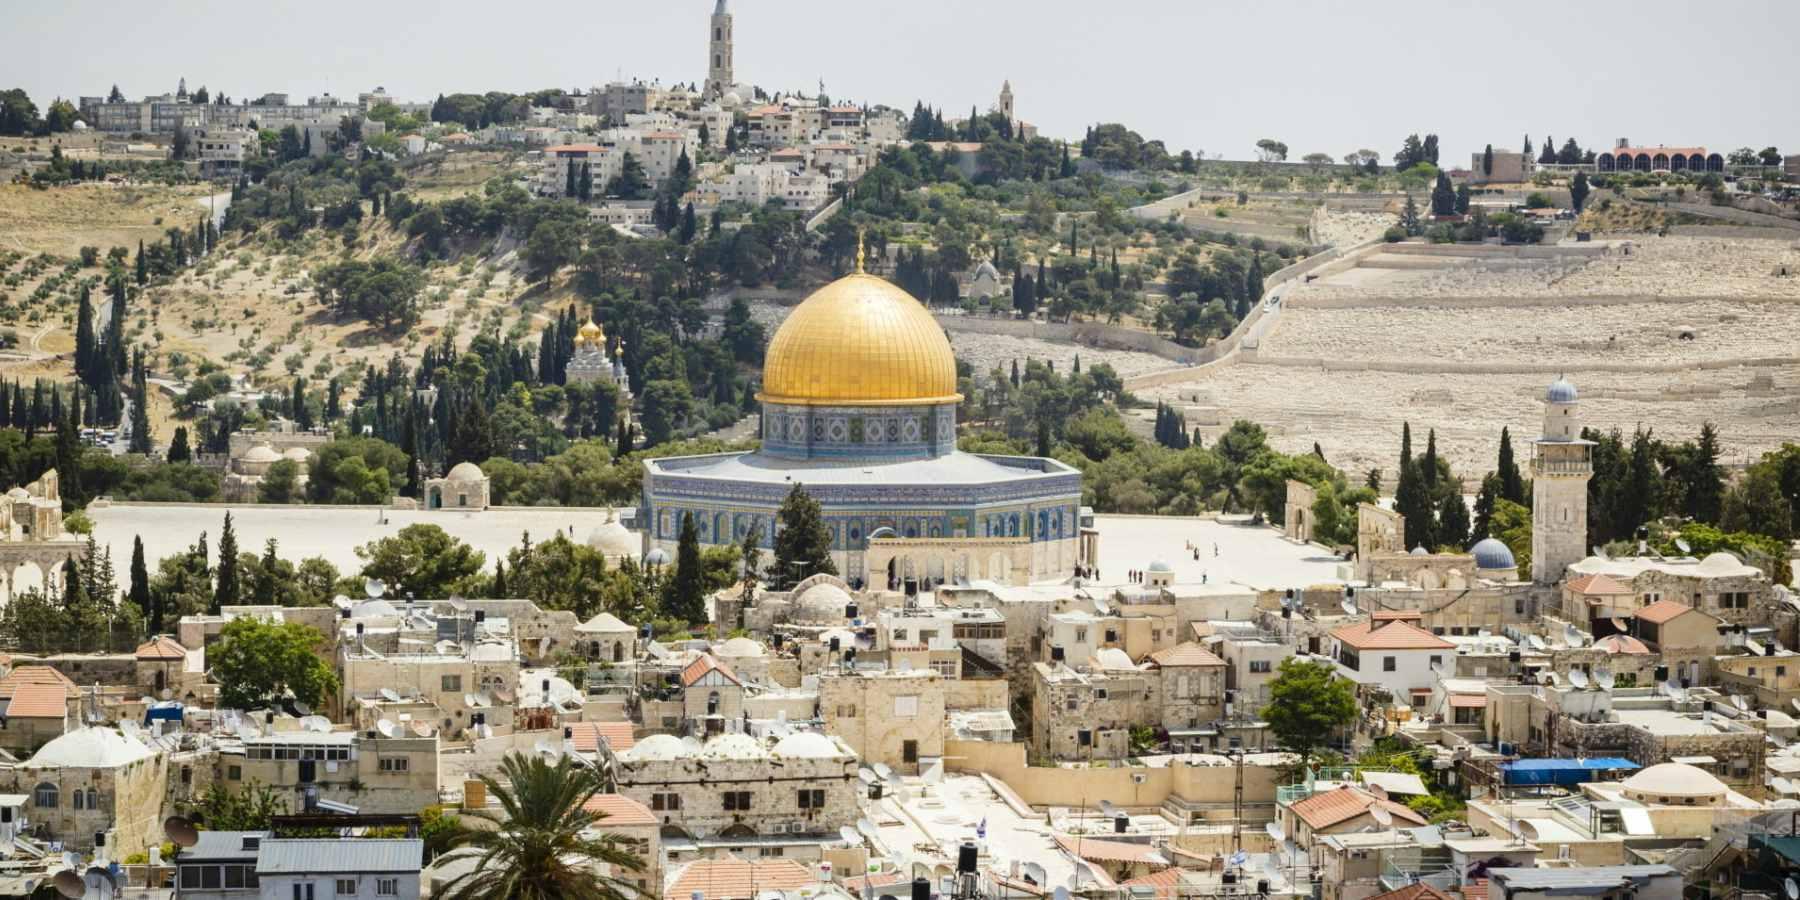 Cristianos, judíos y musulmanes defienden cada espacio de la ciudad cuyo futuro es centro de discusiones en la actualidad